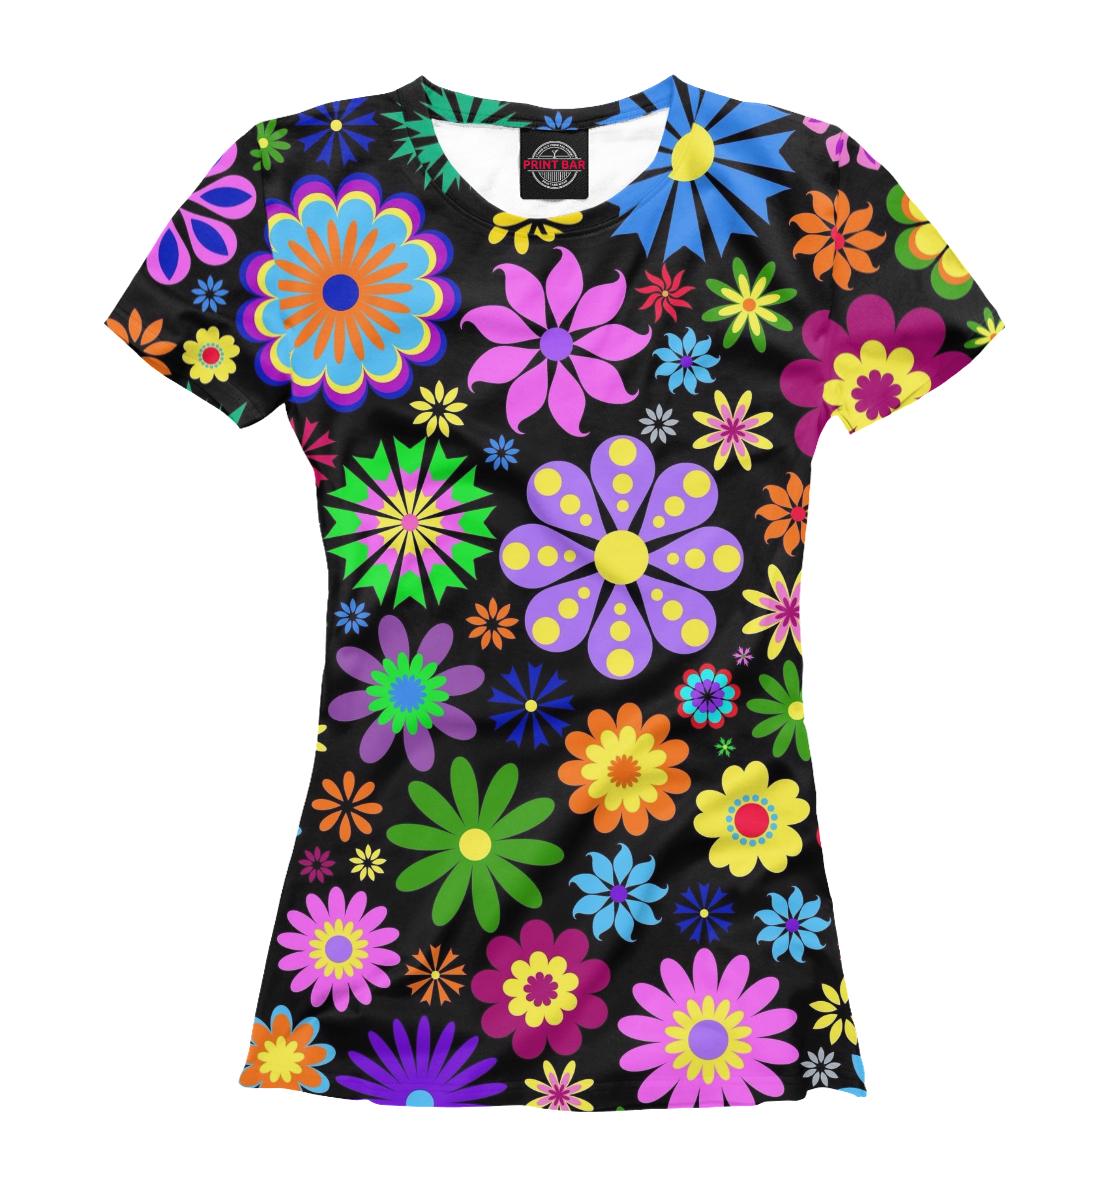 Купить Цветочки на чёрном фоне, Printbar, Футболки, CVE-148701-fut-1